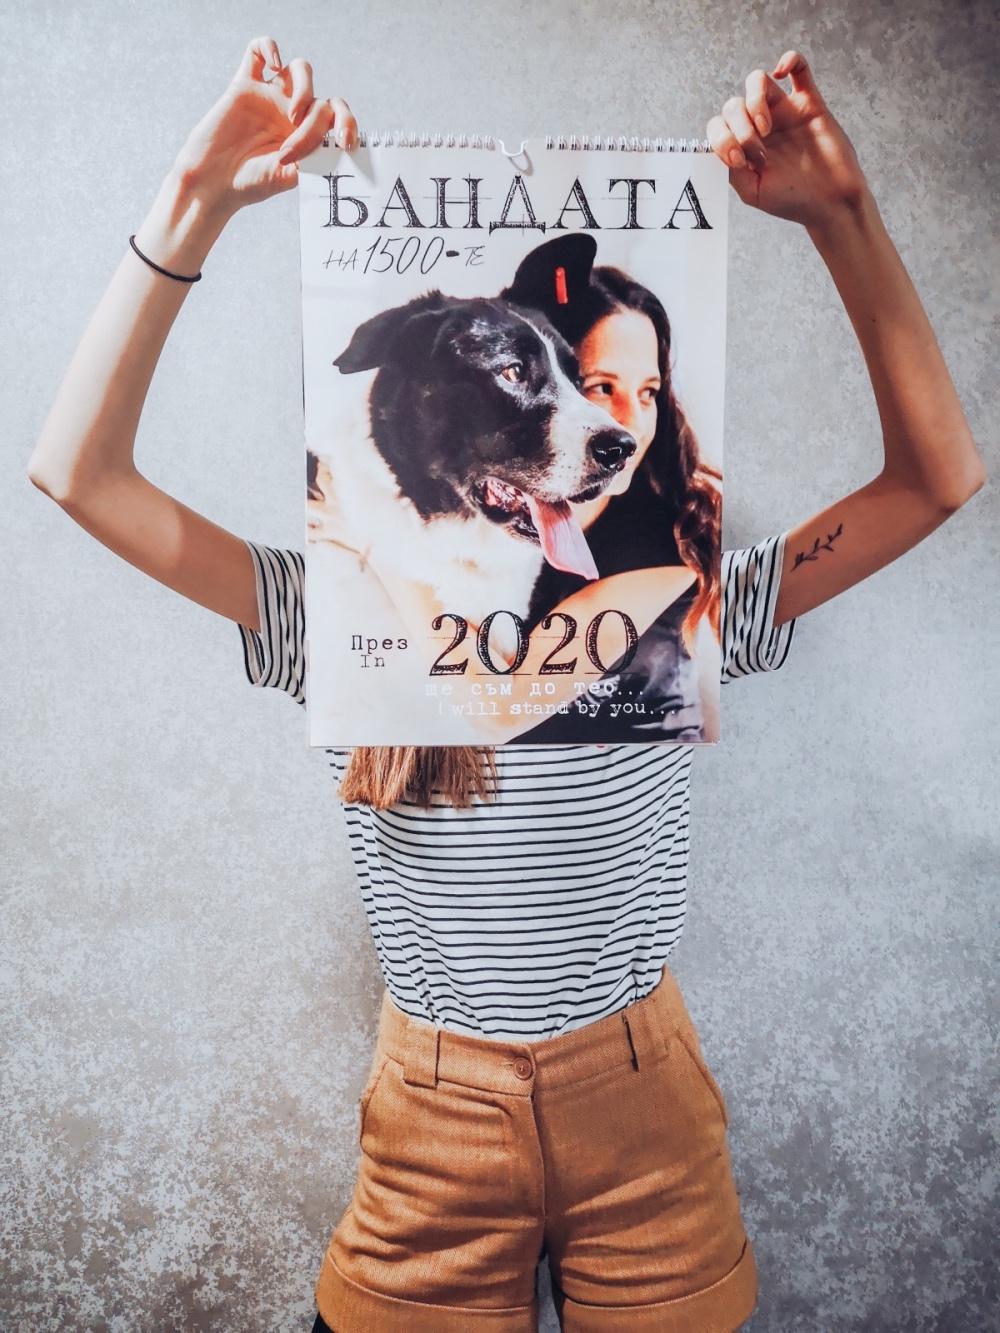 Бандата на 1500-те календар 2020 с кучета от приюта в Горни Богров